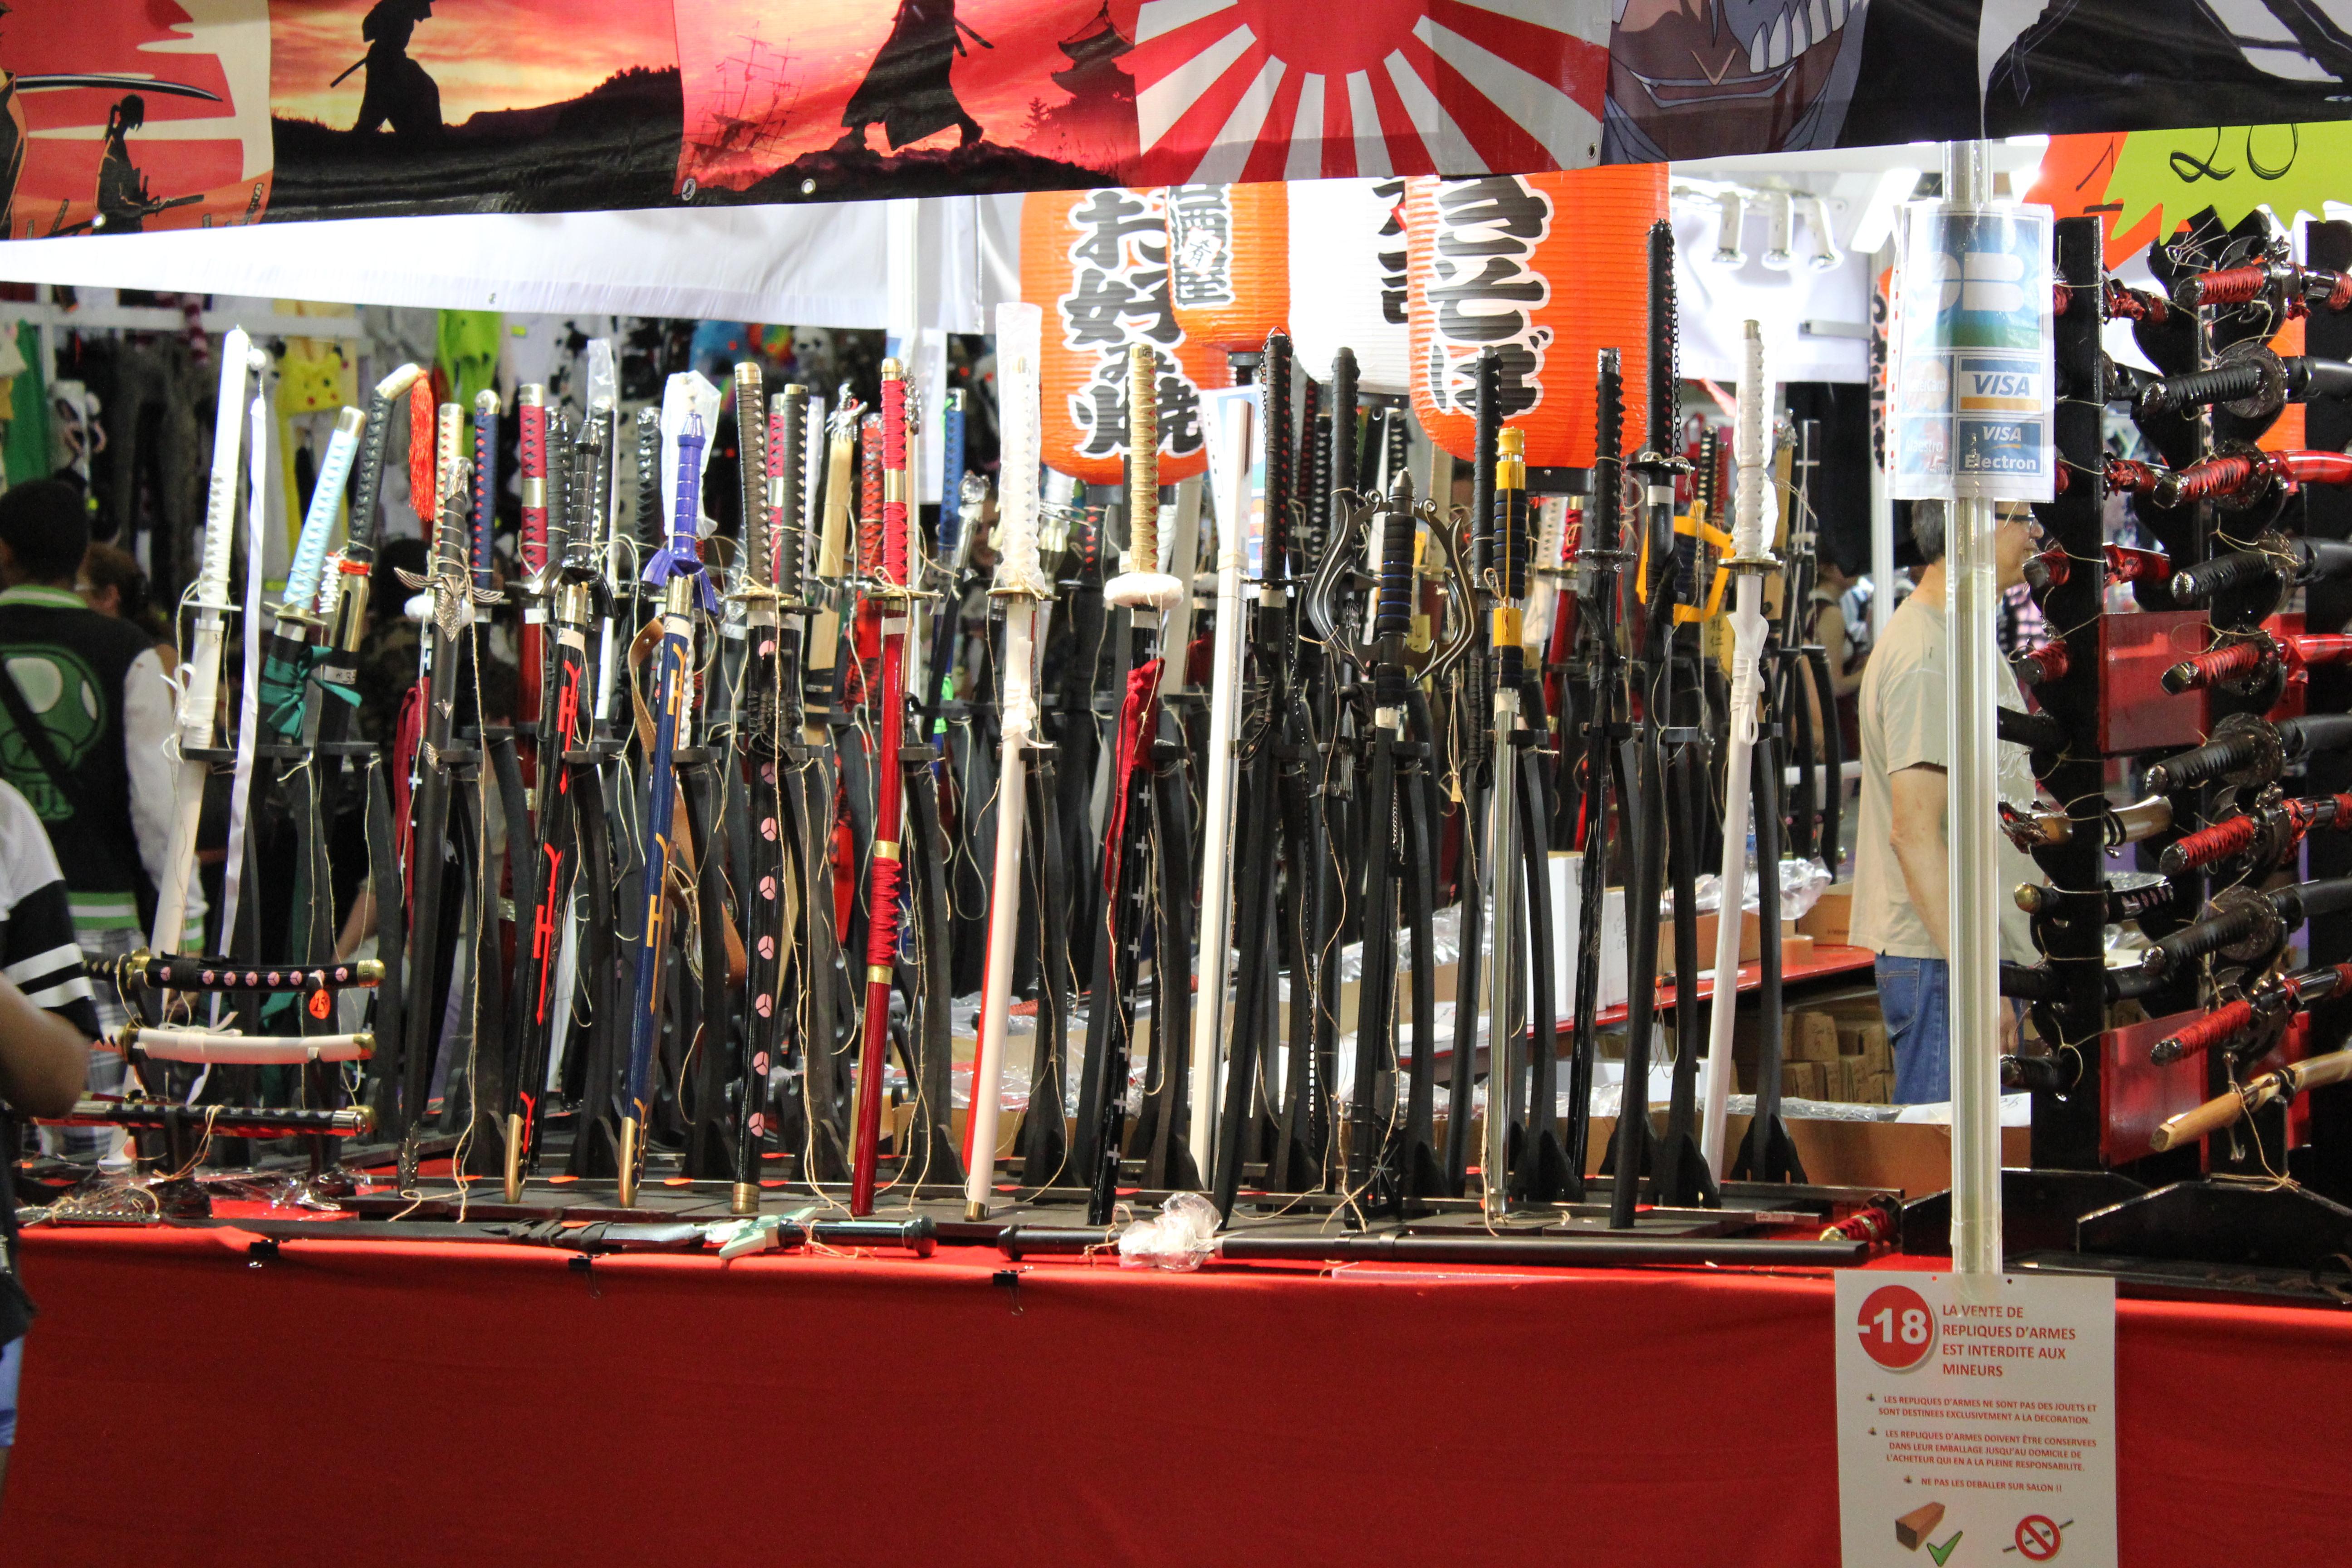 Stands Japan Expo 2015 : Japan expo des stands pour tous les goûts